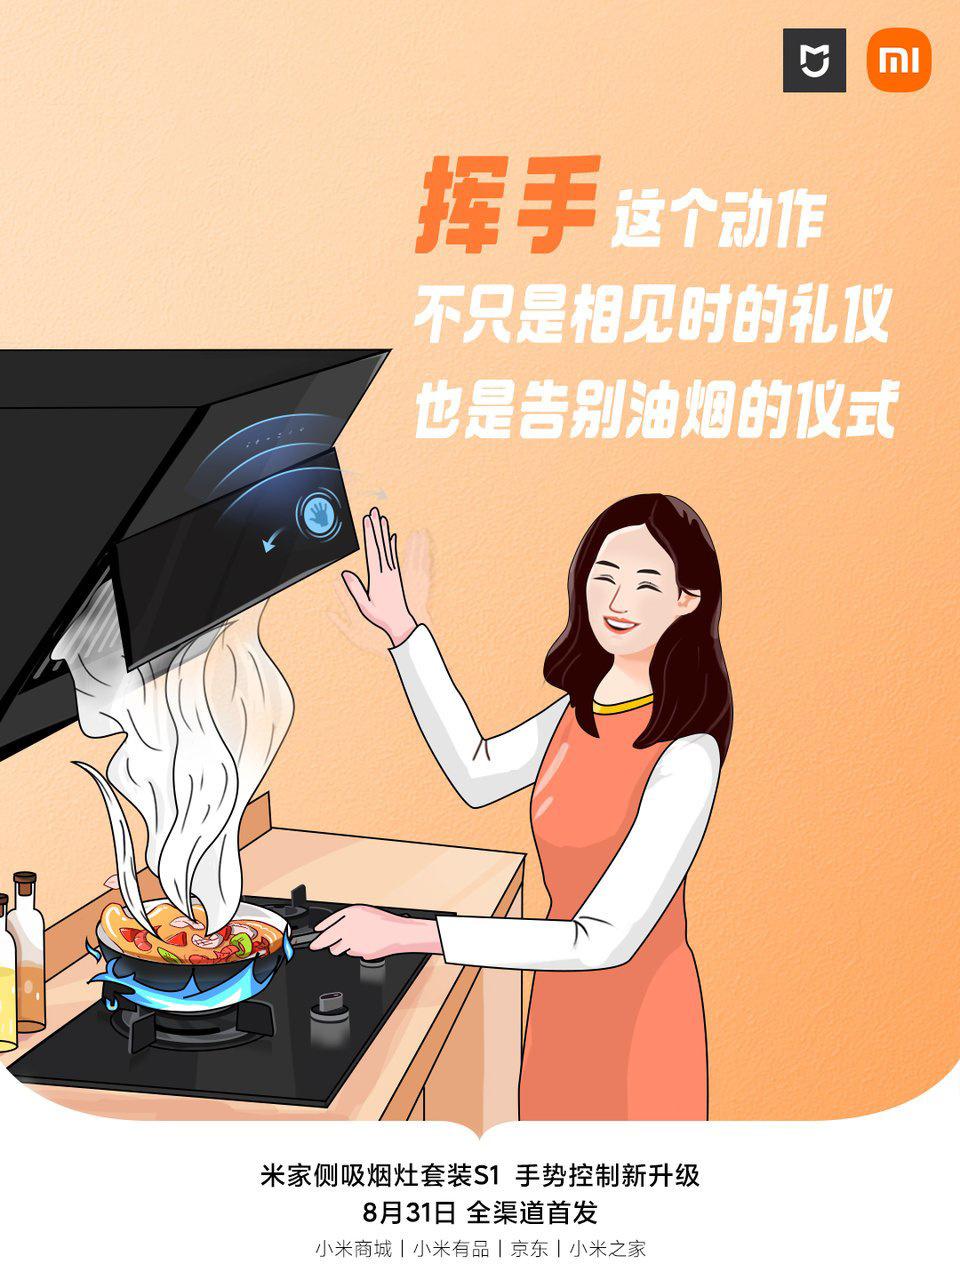 Xiaomi ra mắt máy hút mùi MIJIA S1 thông minh, điều khiển bằng cử chỉ